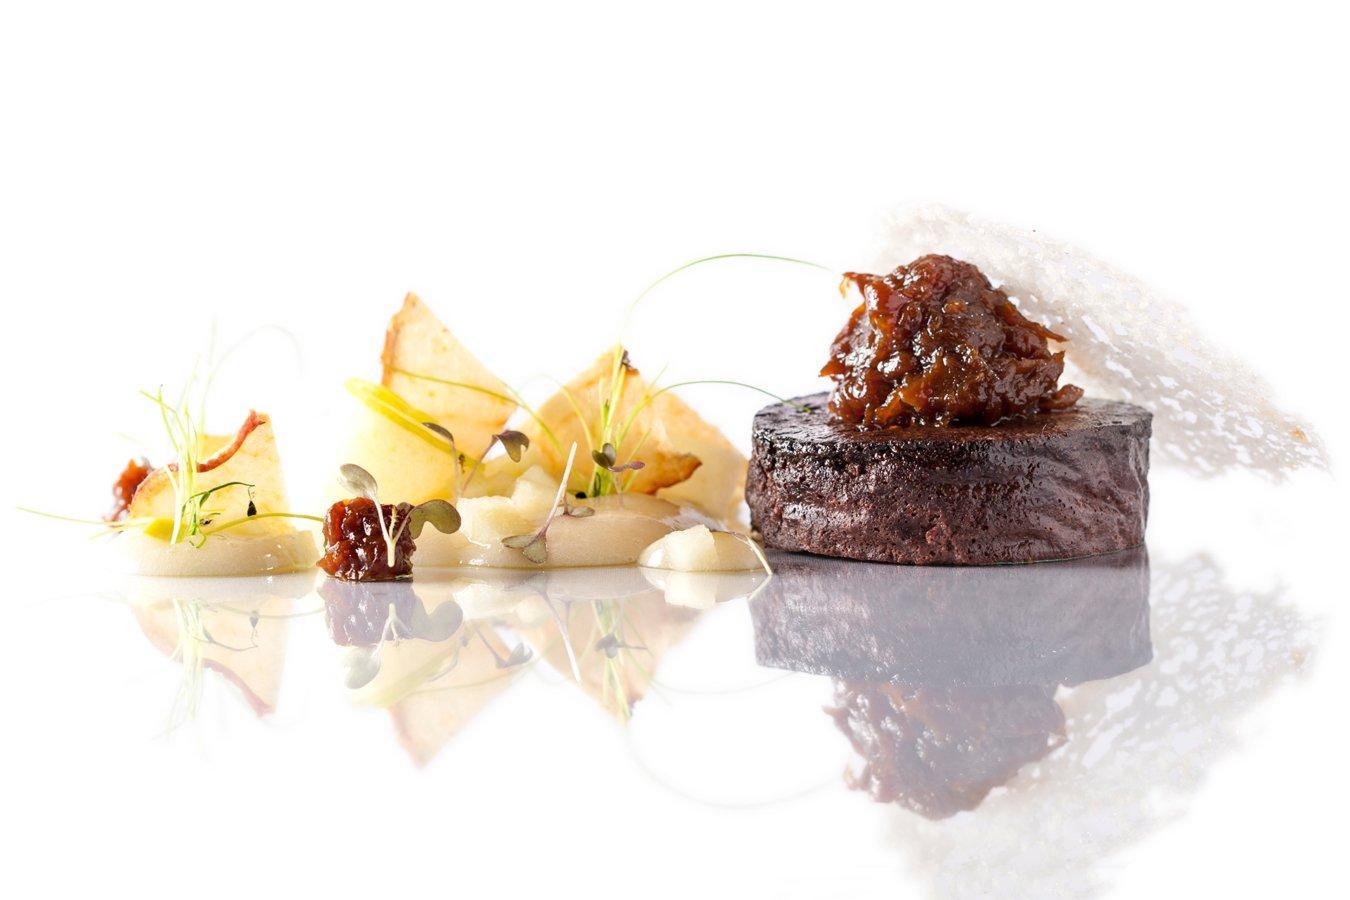 Morcilla con cebolla caramelizada, manzana y pan de ajo del restaurante Ronda 14